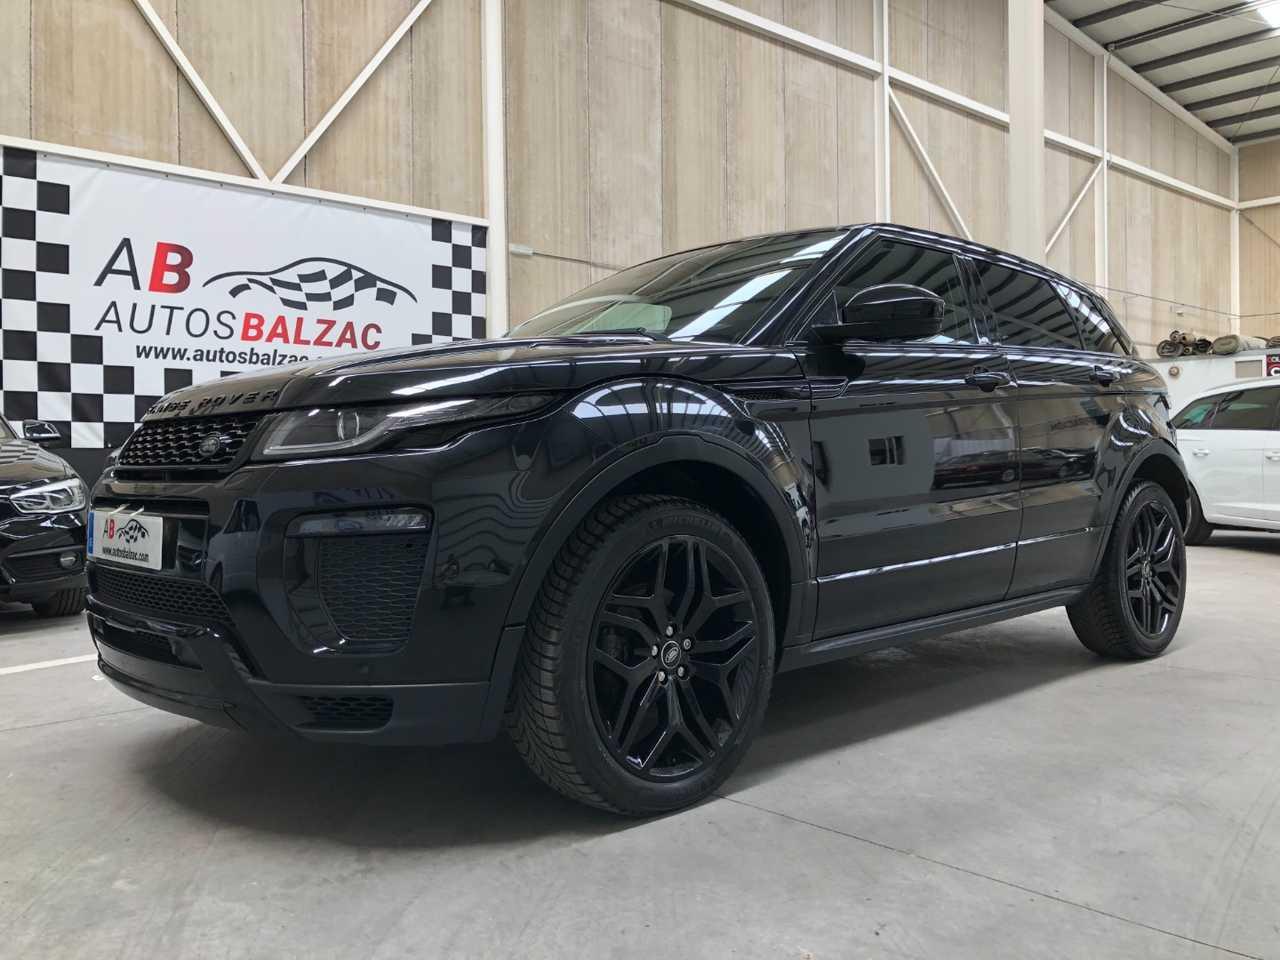 Land Rover Range Rover Evoque ocasión segunda mano 2017 Diésel por 30.990€ en Málaga